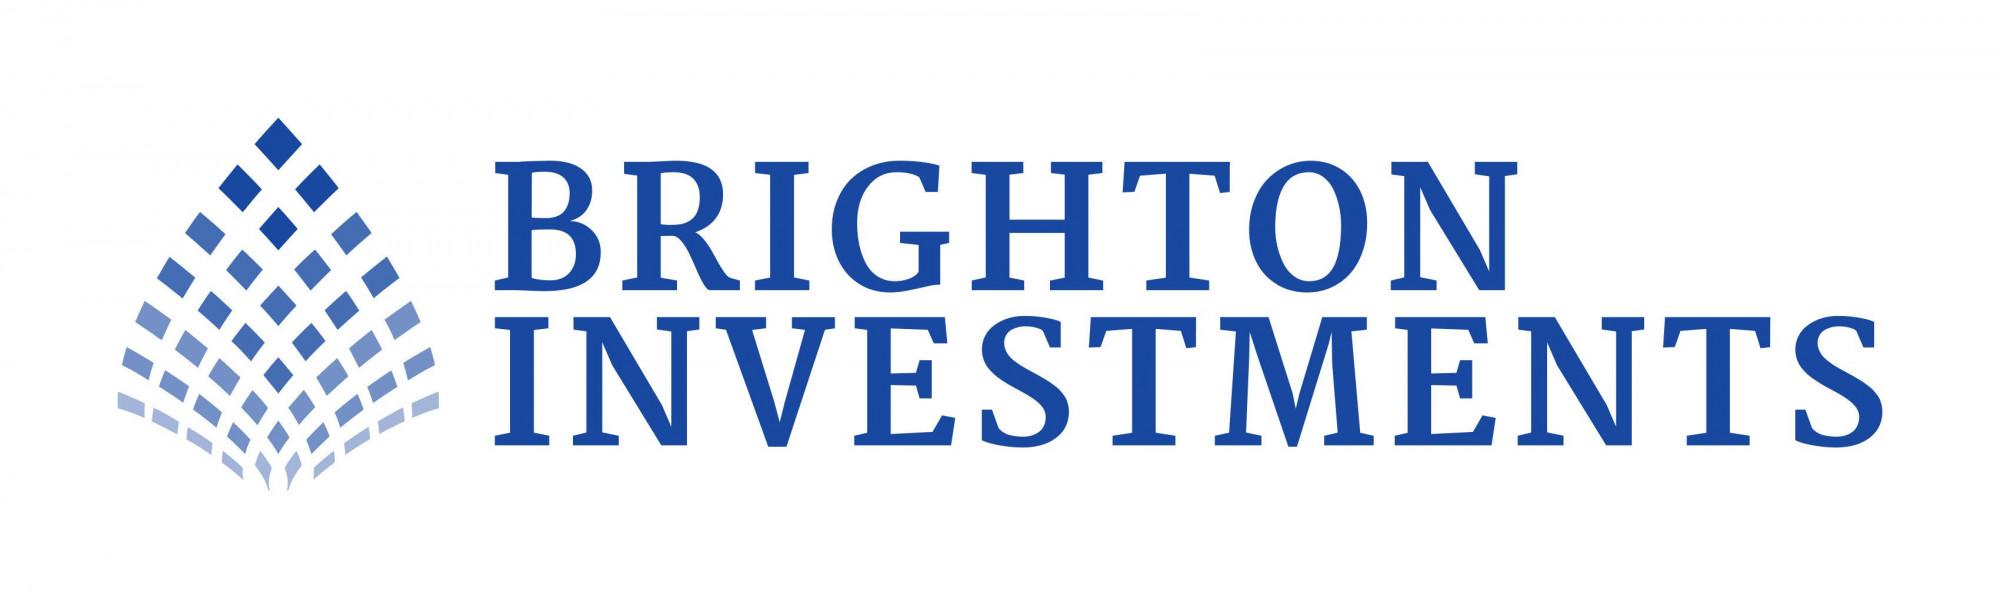 CÔNG TY CỔ PHẦN BRIGHTON INVESTMENTS